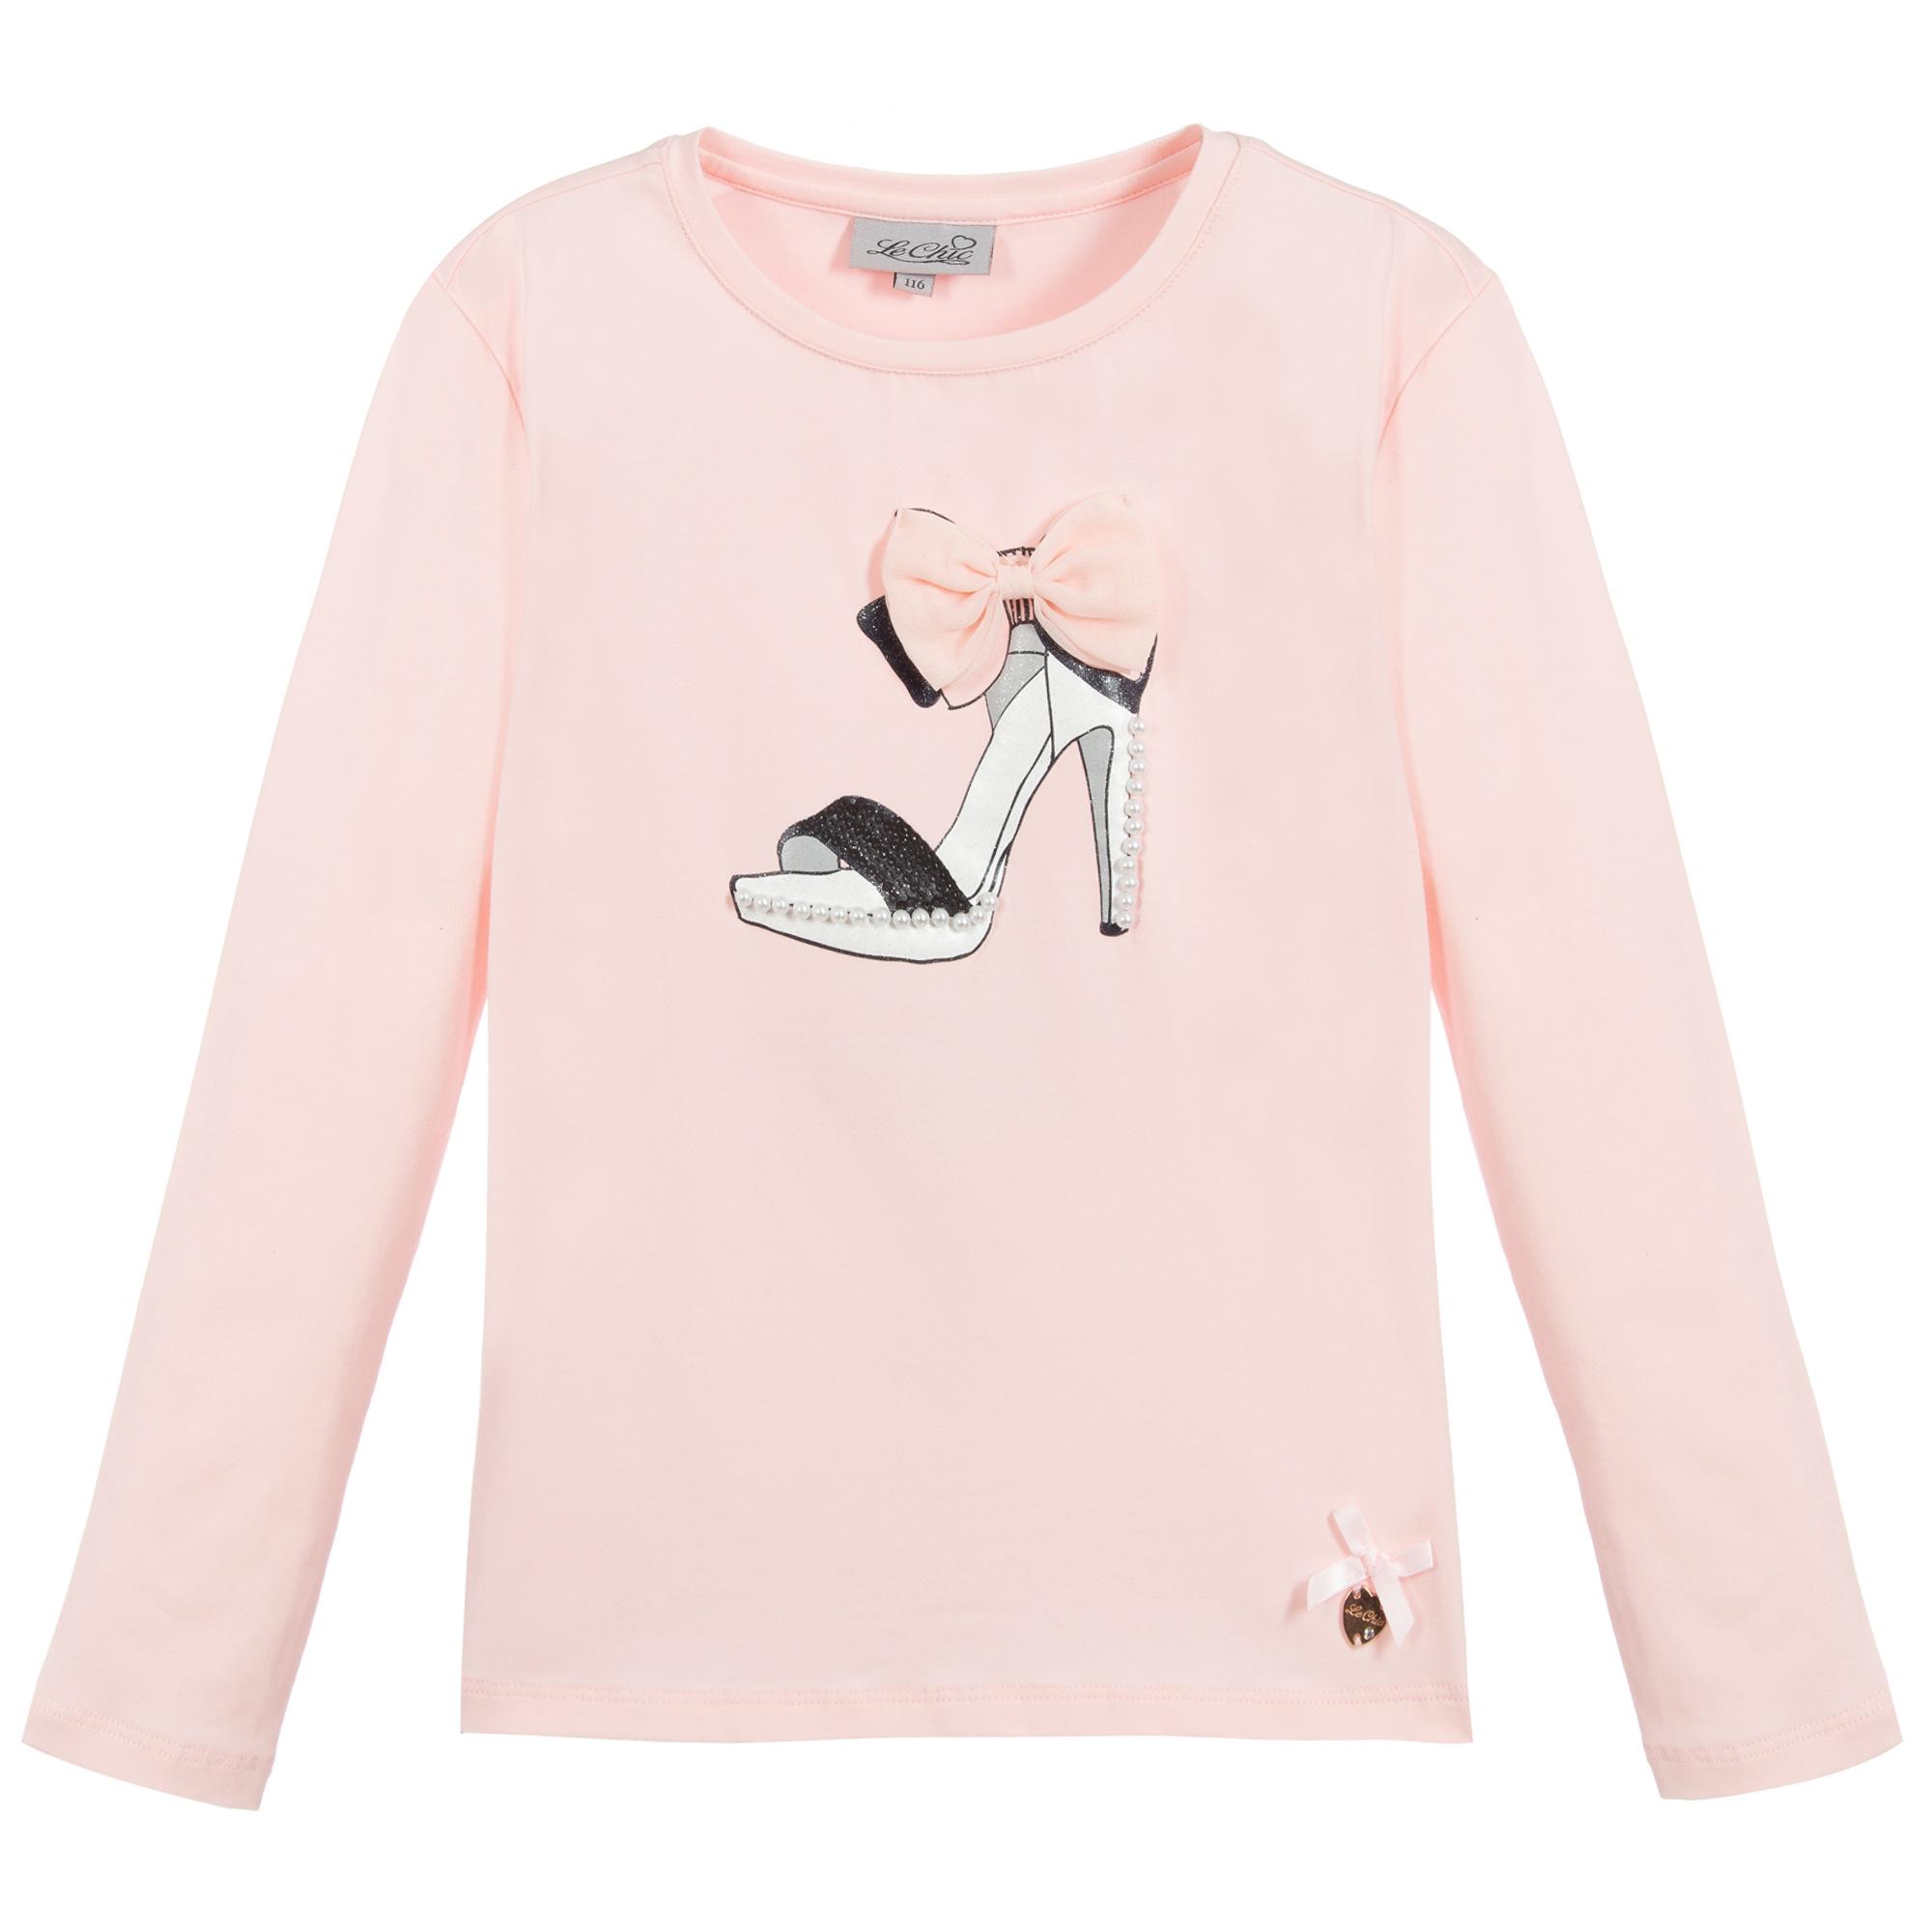 Lechic Lechic Pink 'Chic Boutique Shoe' T-Shirt